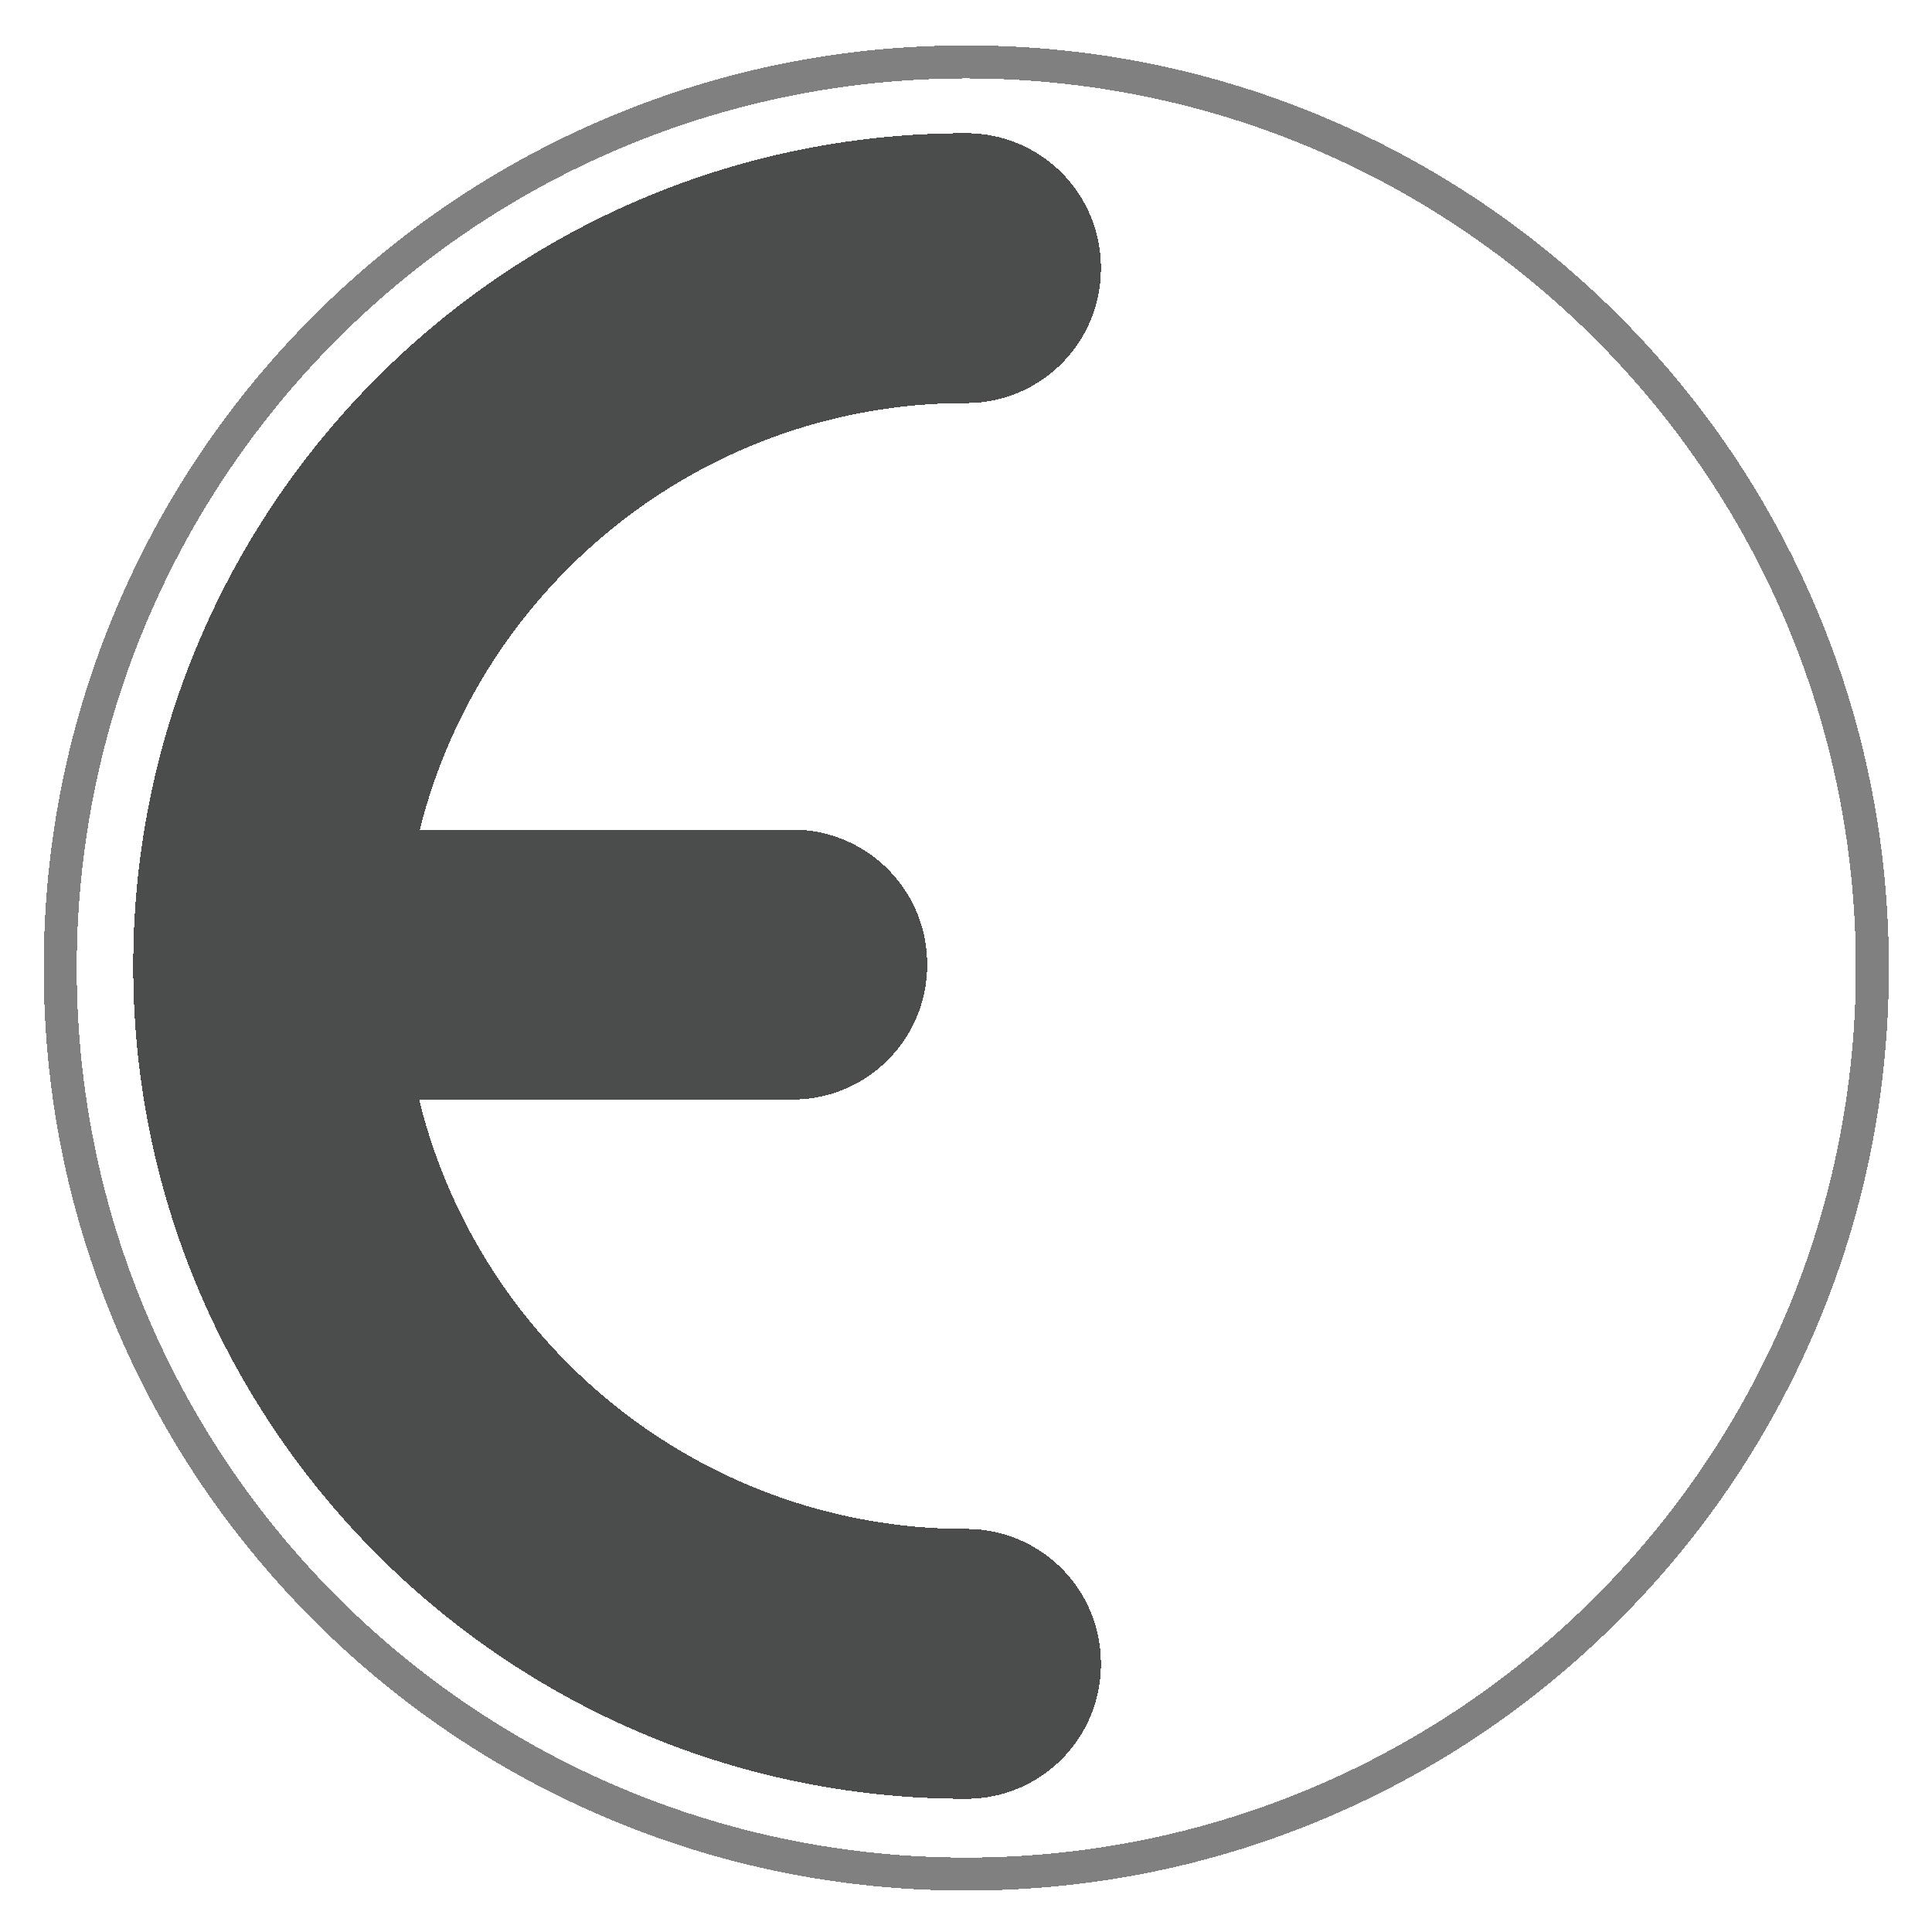 01icon_circles-13.png